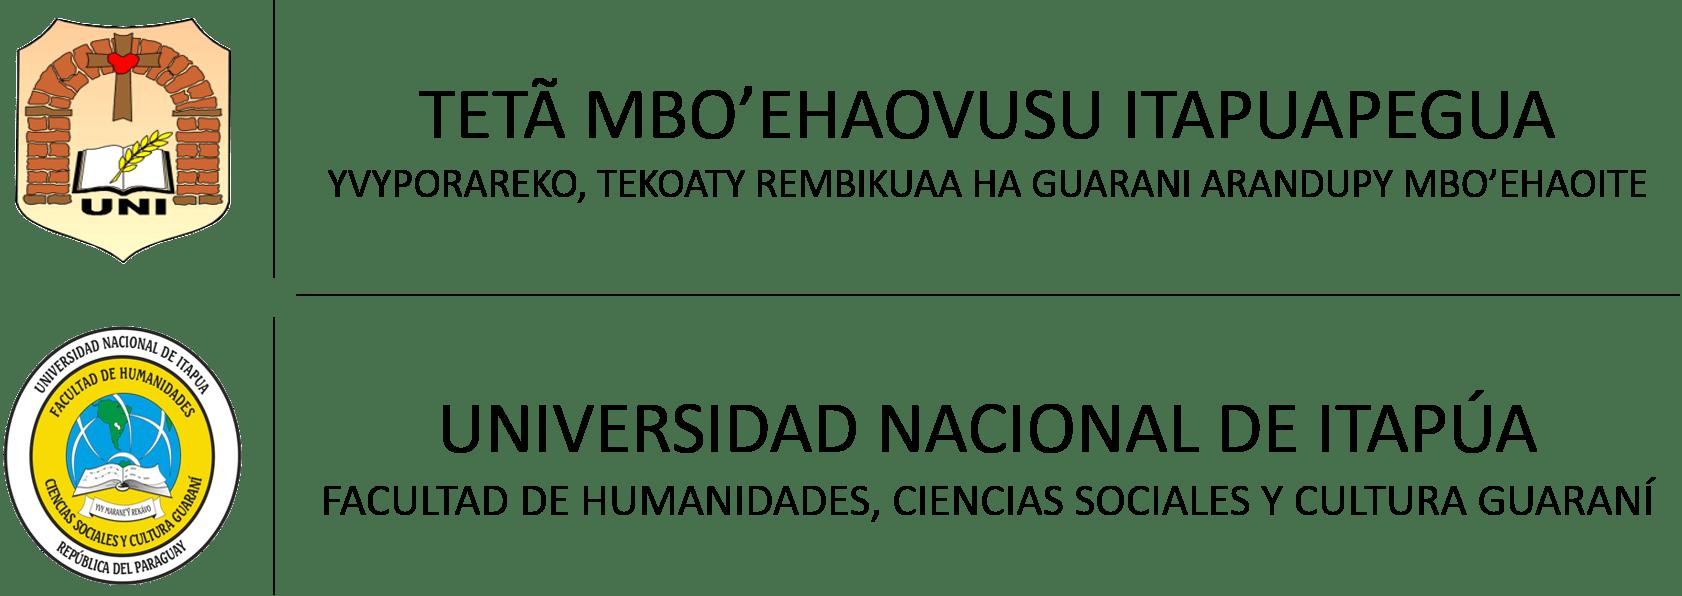 Facultad de Humanidades, Ciencias Sociales y Cultura Guarani